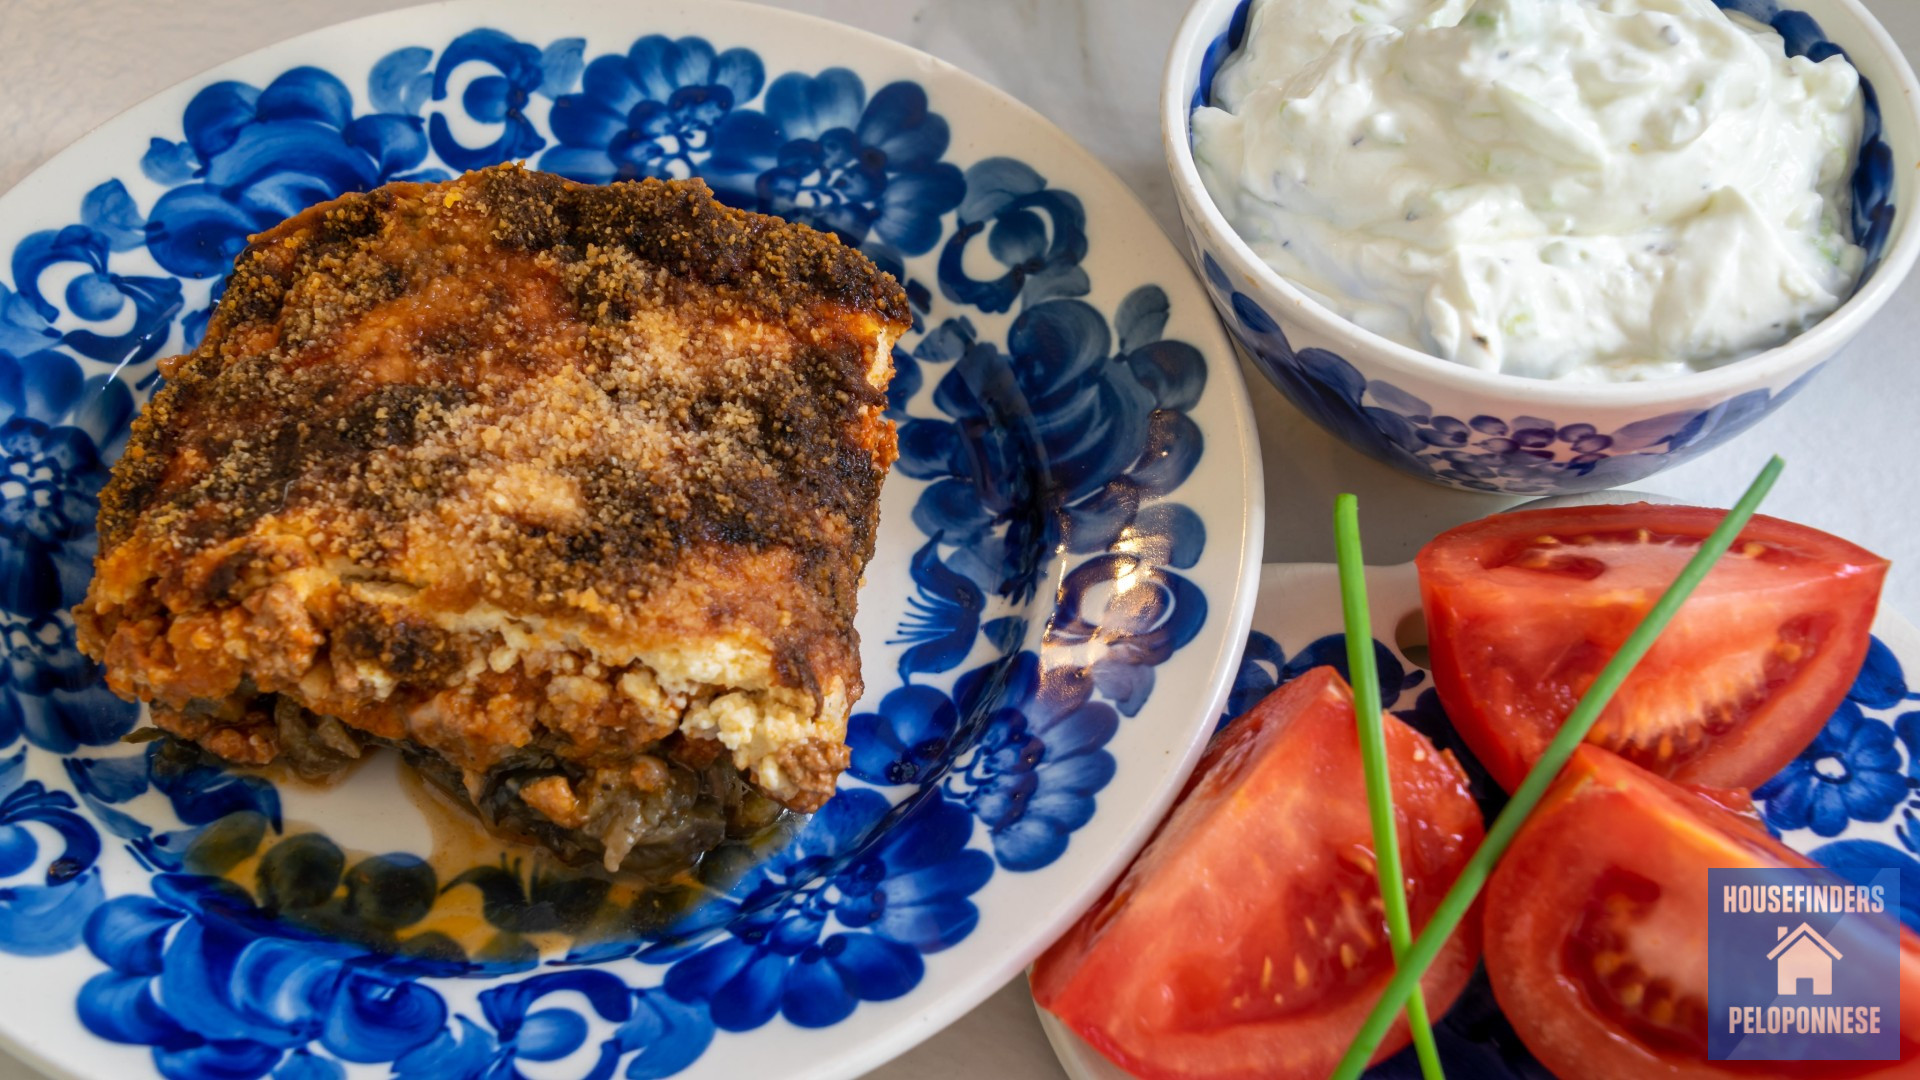 moussaka-klassisk-grekisk-matratt-kott-sojafars